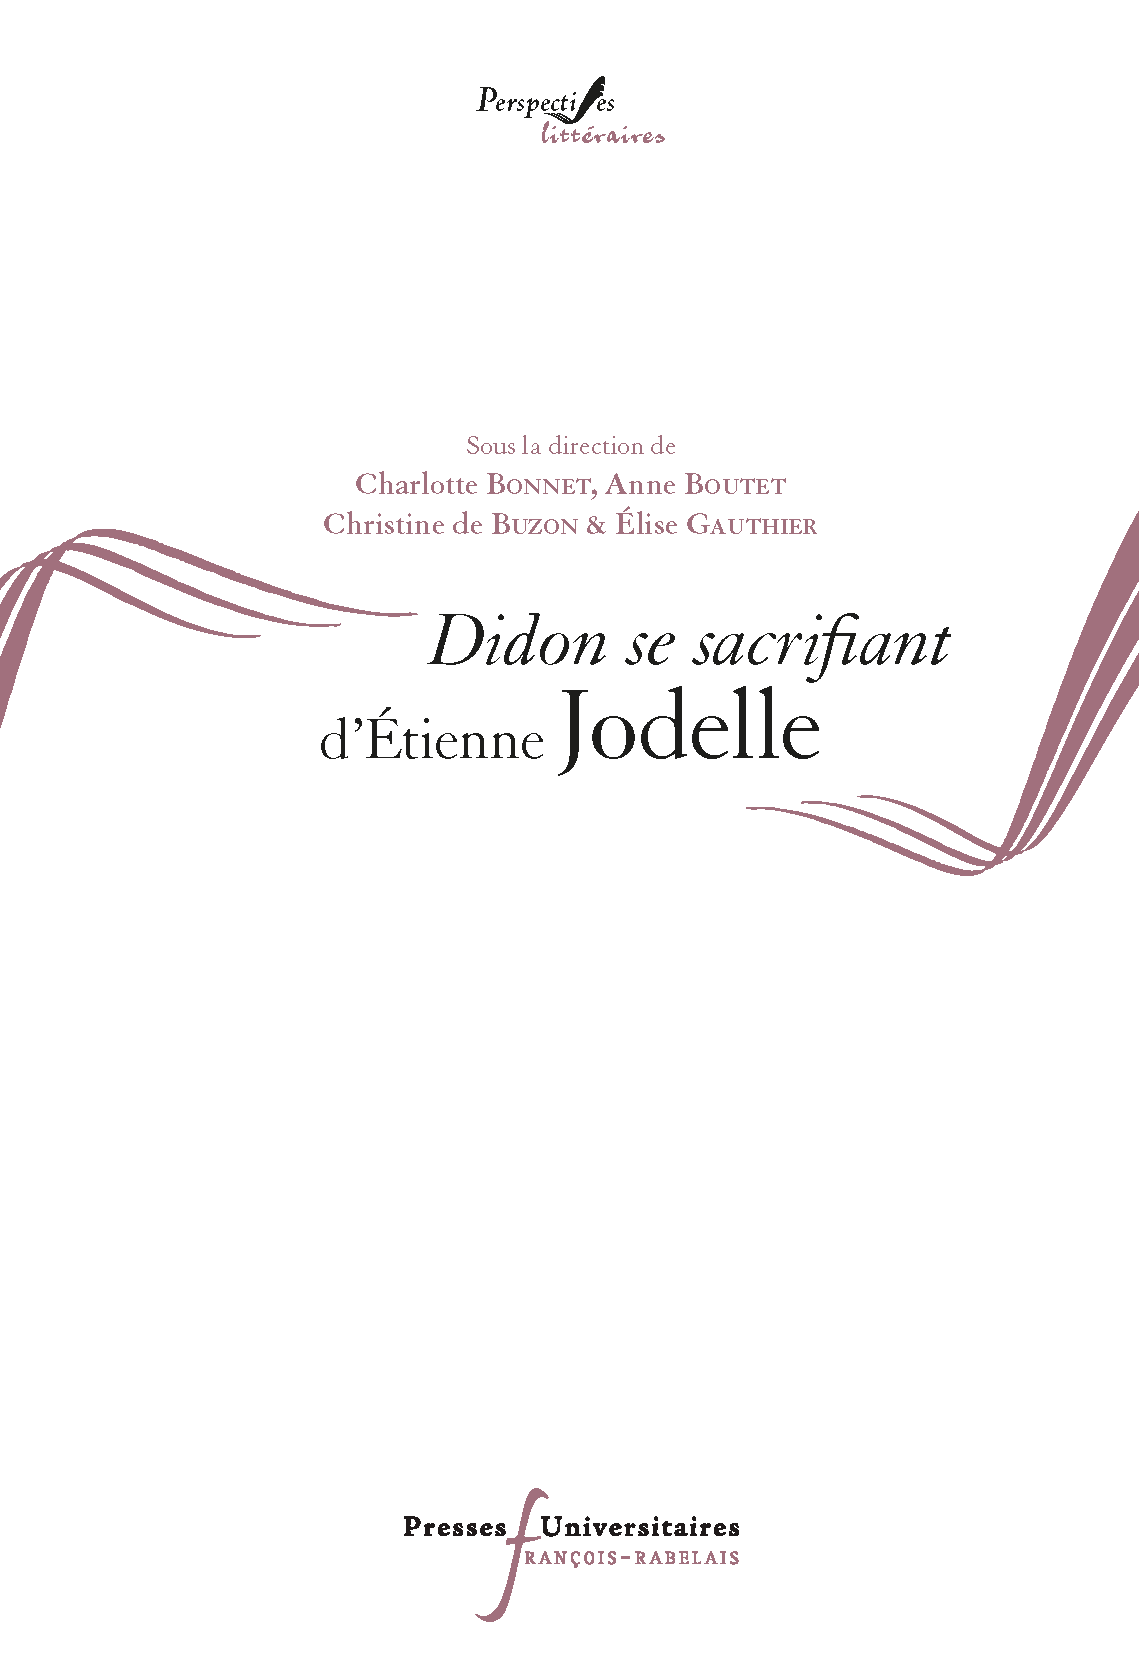 Didon se sacrifiant d'Etienne Jodelle